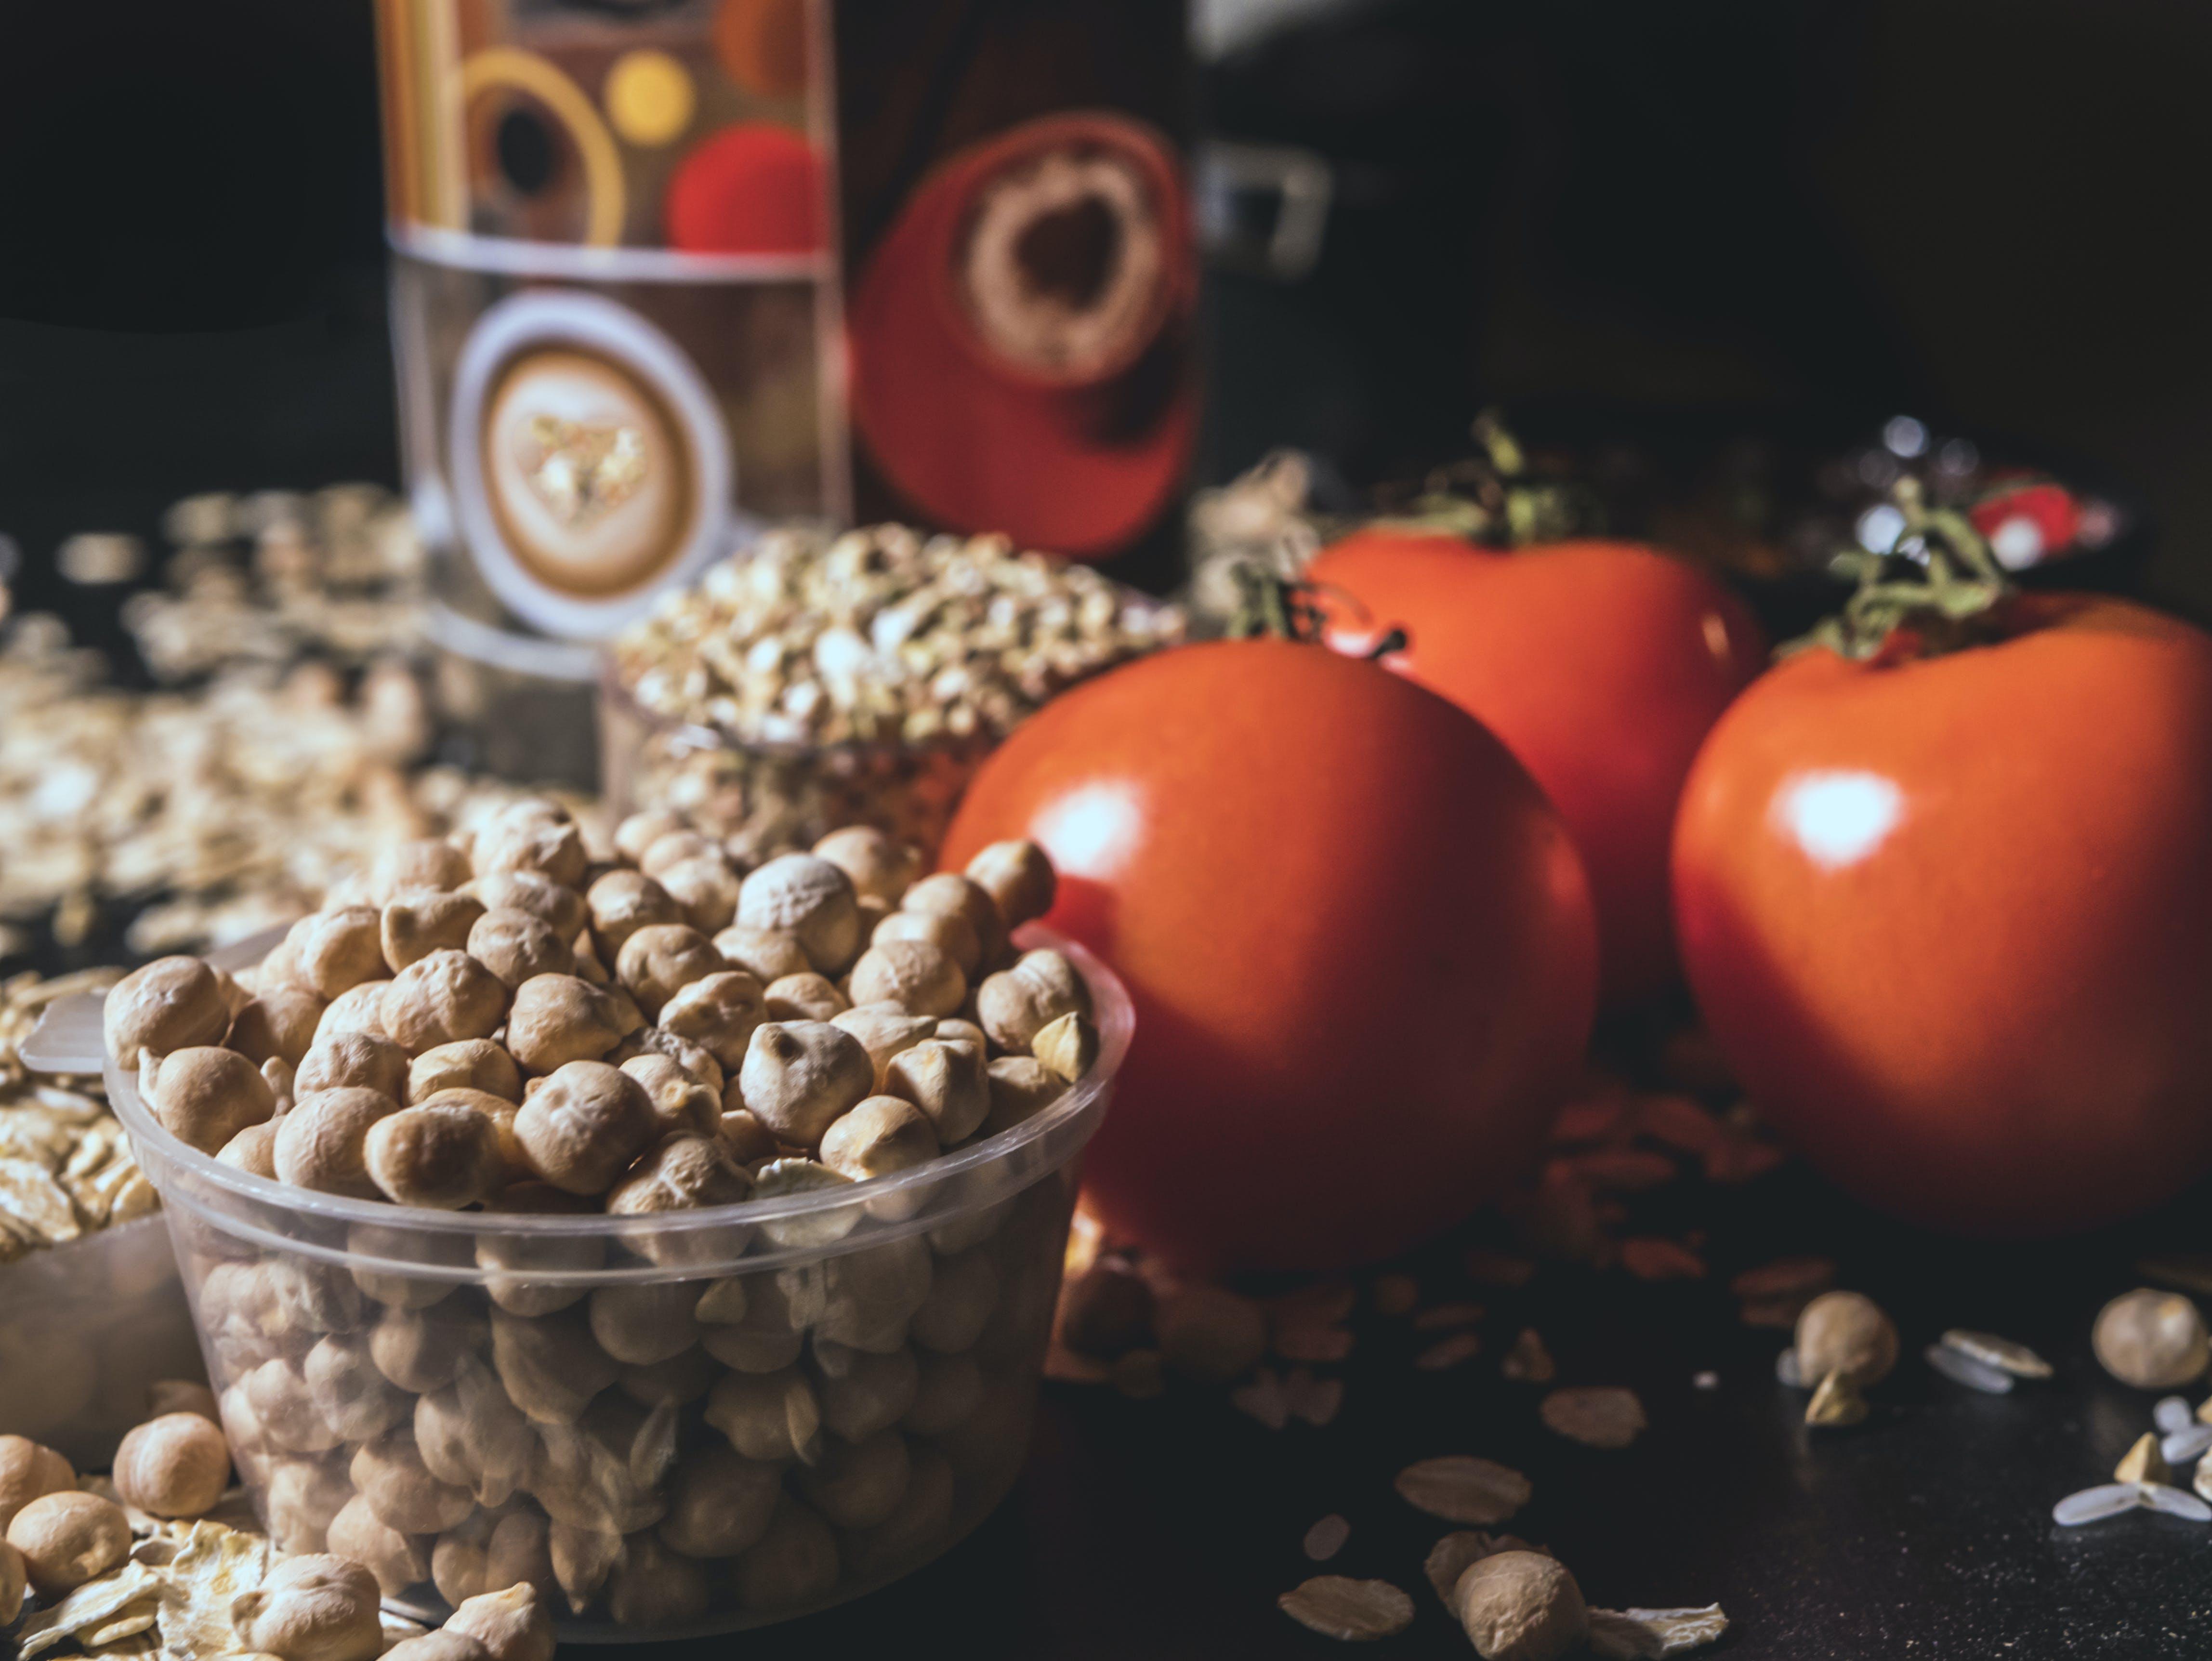 Brown Nut Lot Beside Orange Tomatoes